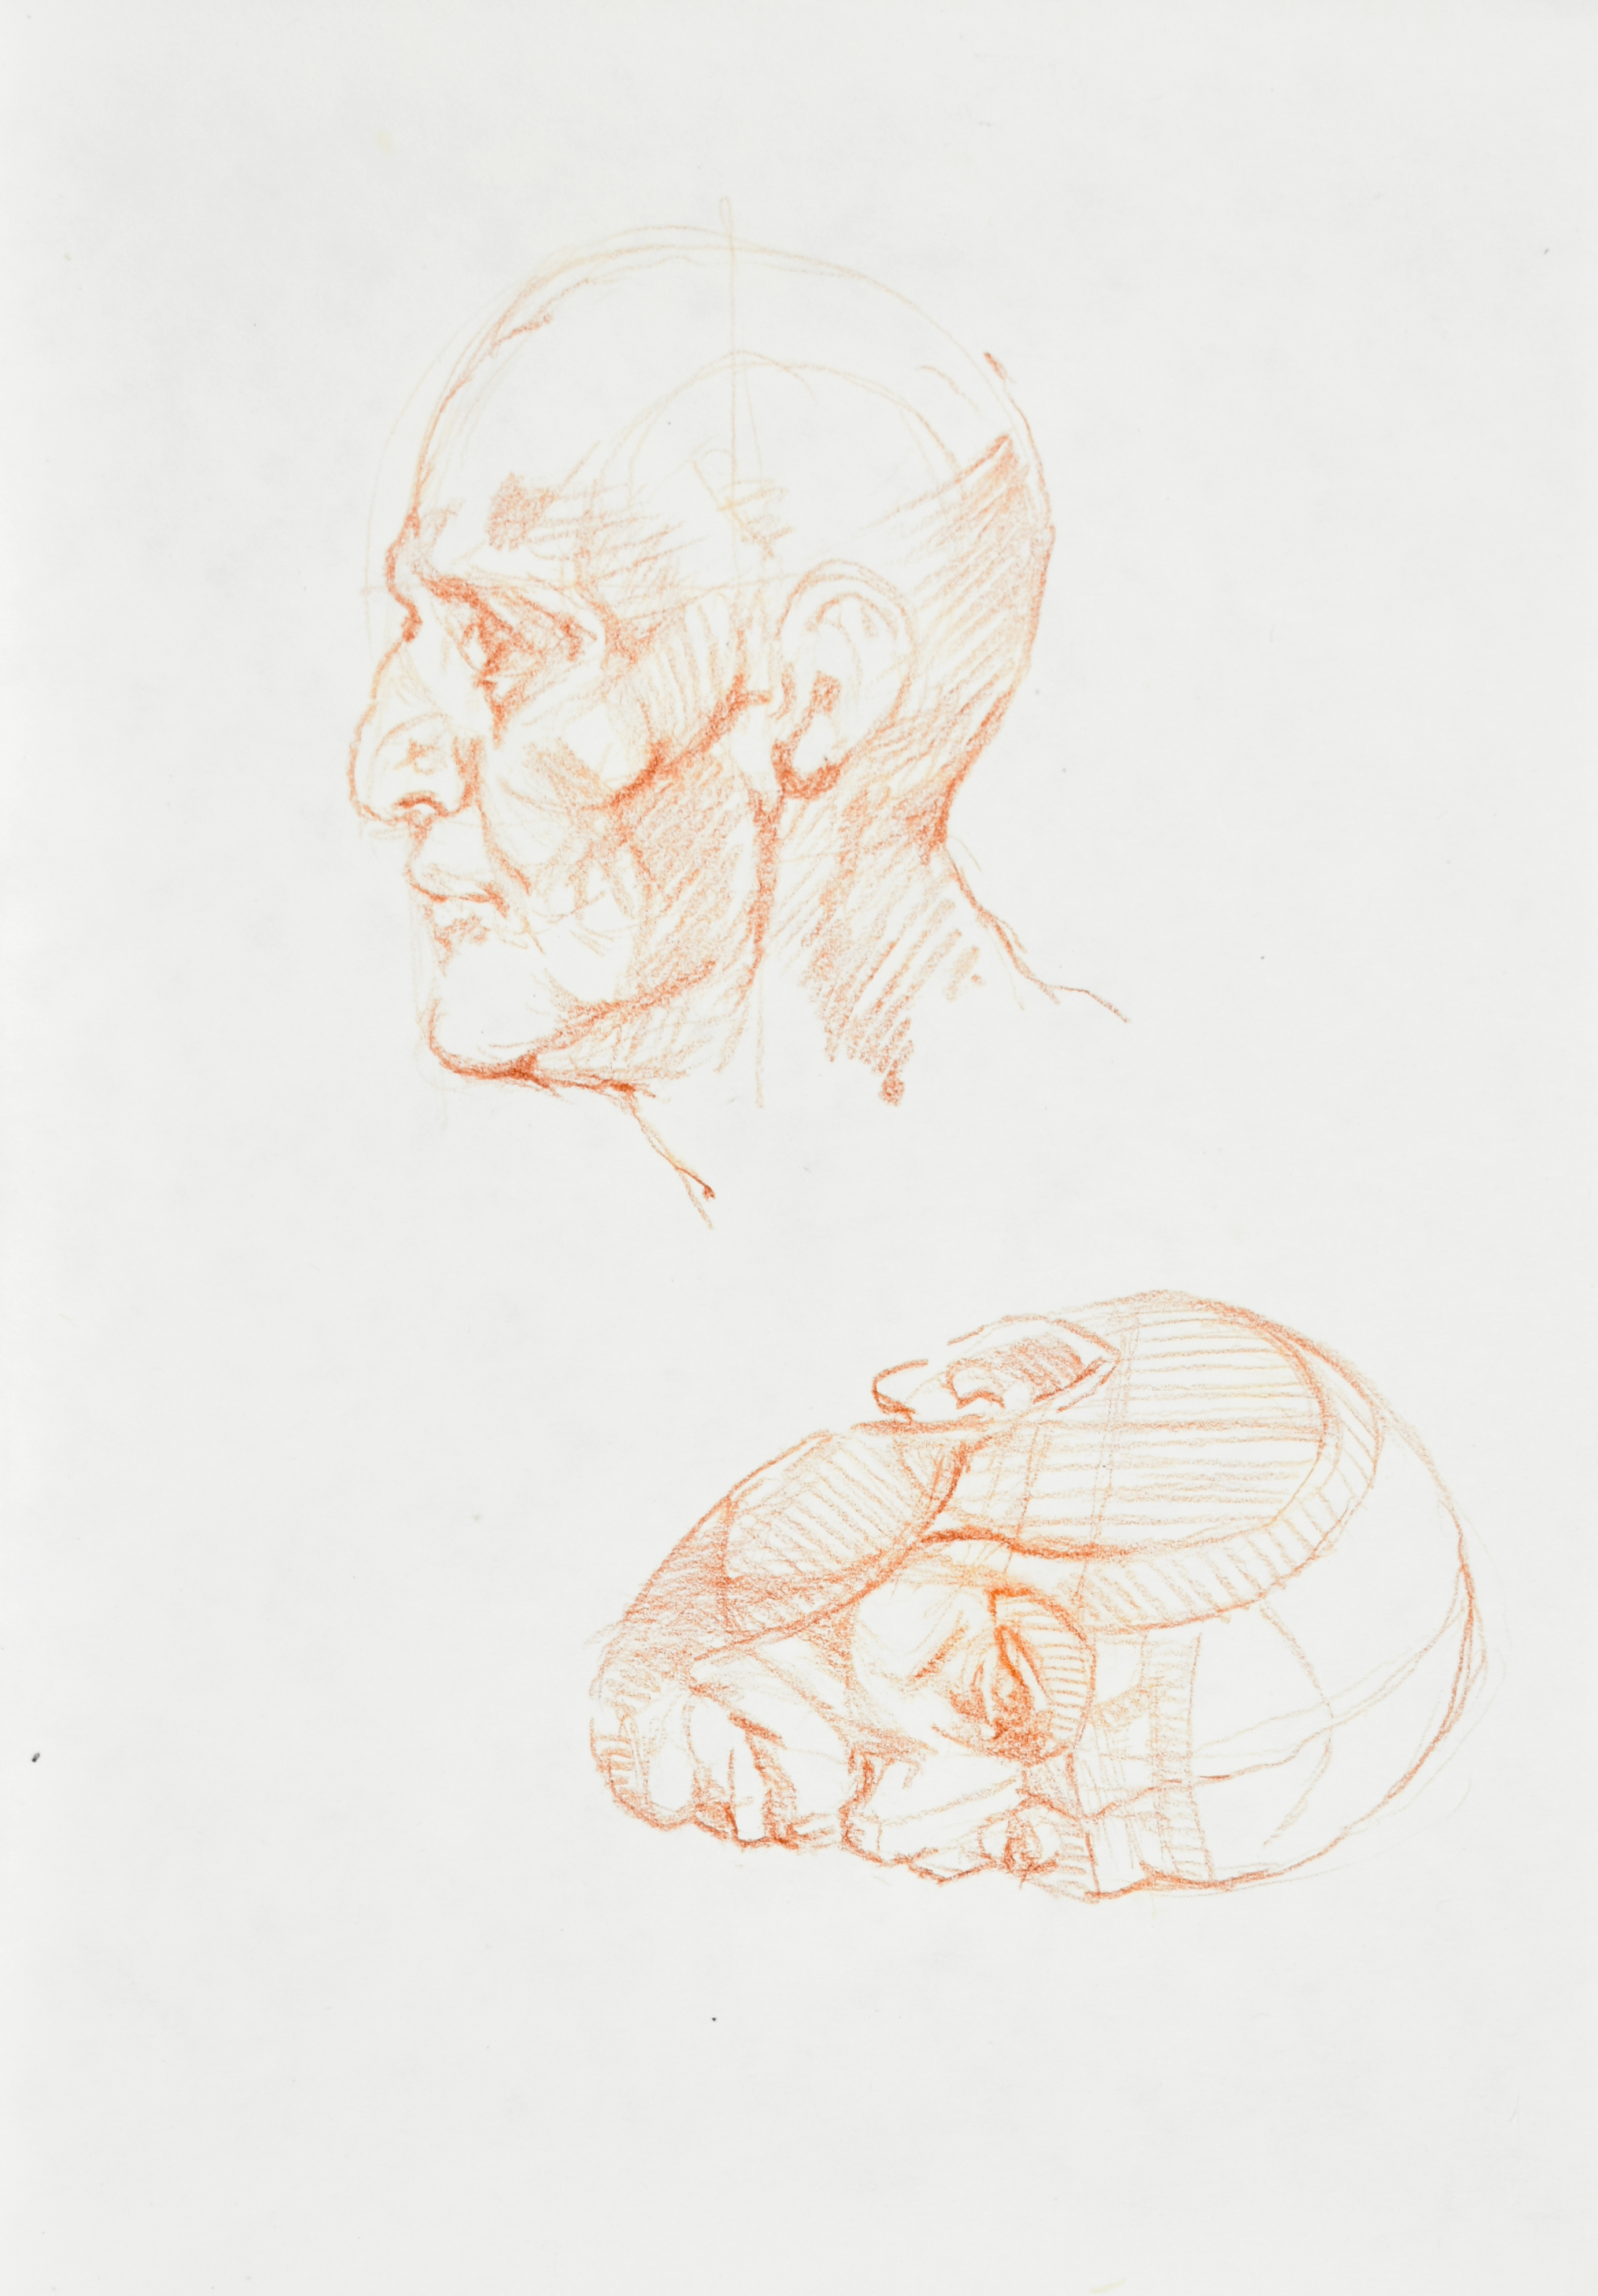 Szkice głowy z prawego i lewego profilu